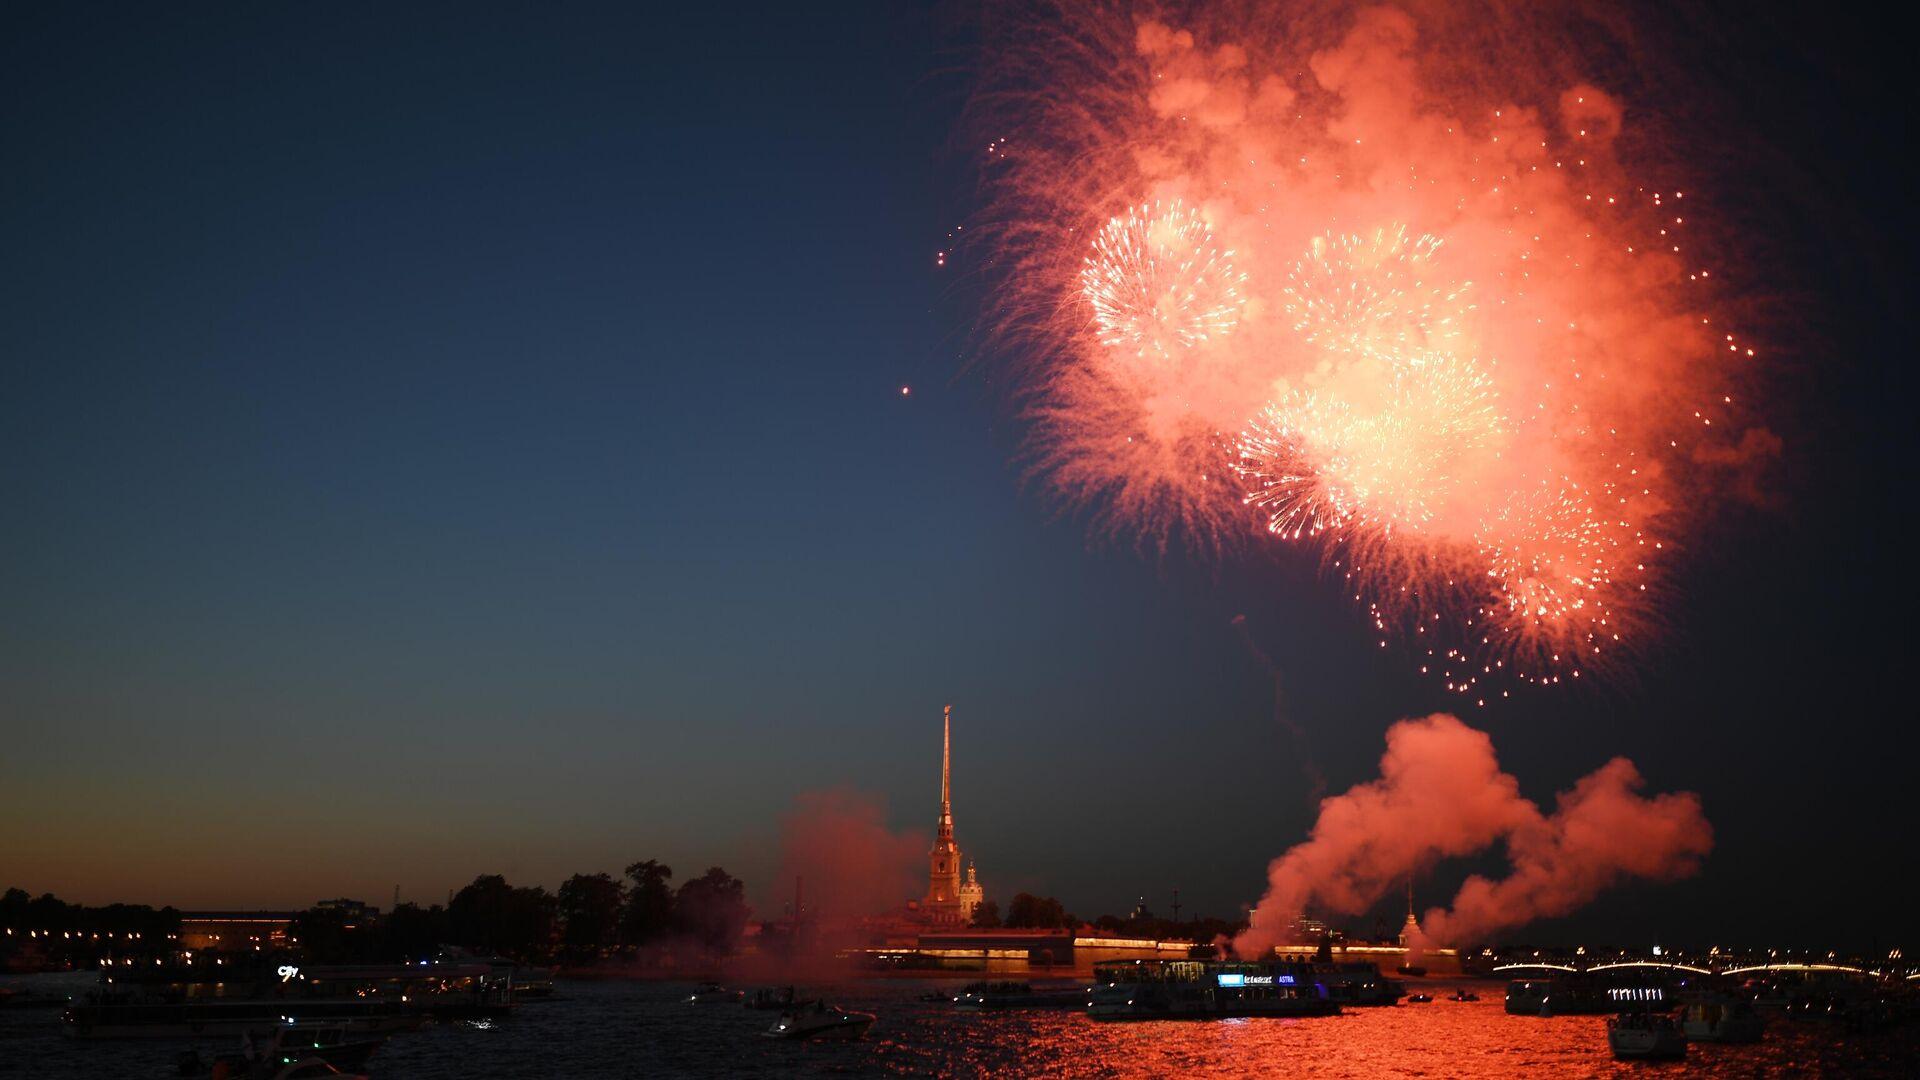 Los fuegos artificiales por el Día de la Armada en San Petersburgo, en 2020 - Sputnik Mundo, 1920, 25.07.2021